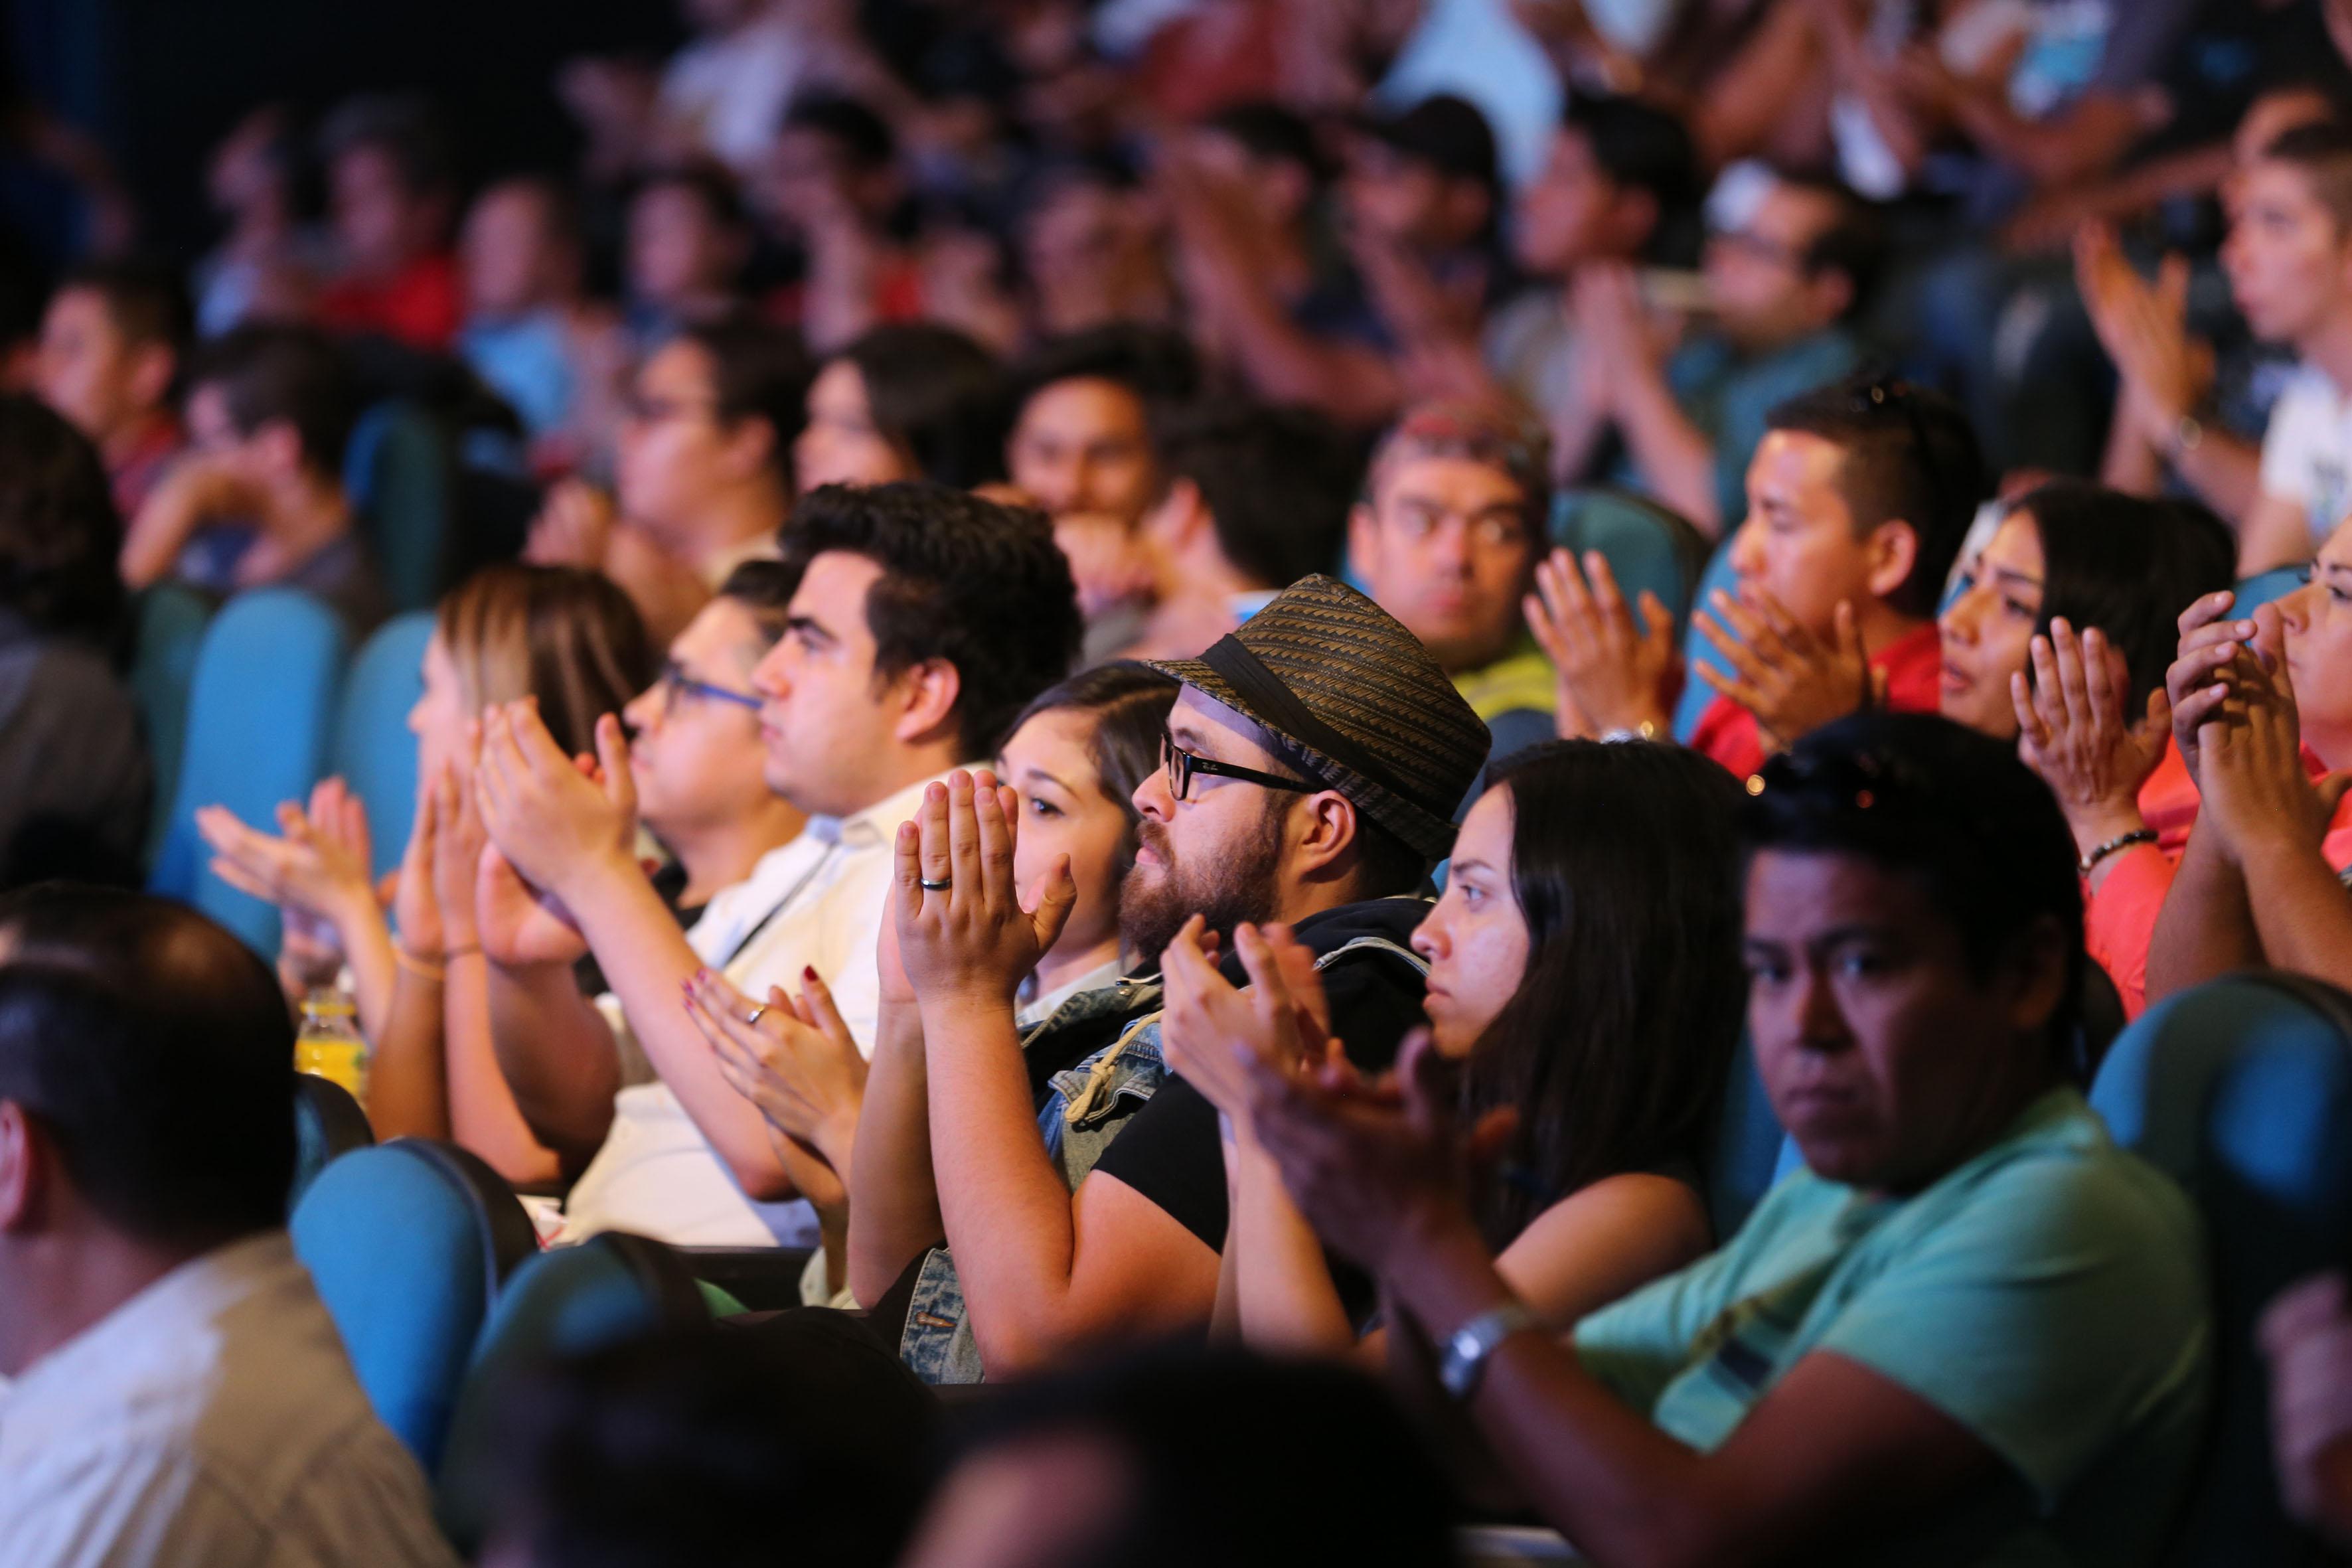 Público asistente al evento de Campus Party, aplaudiendo.